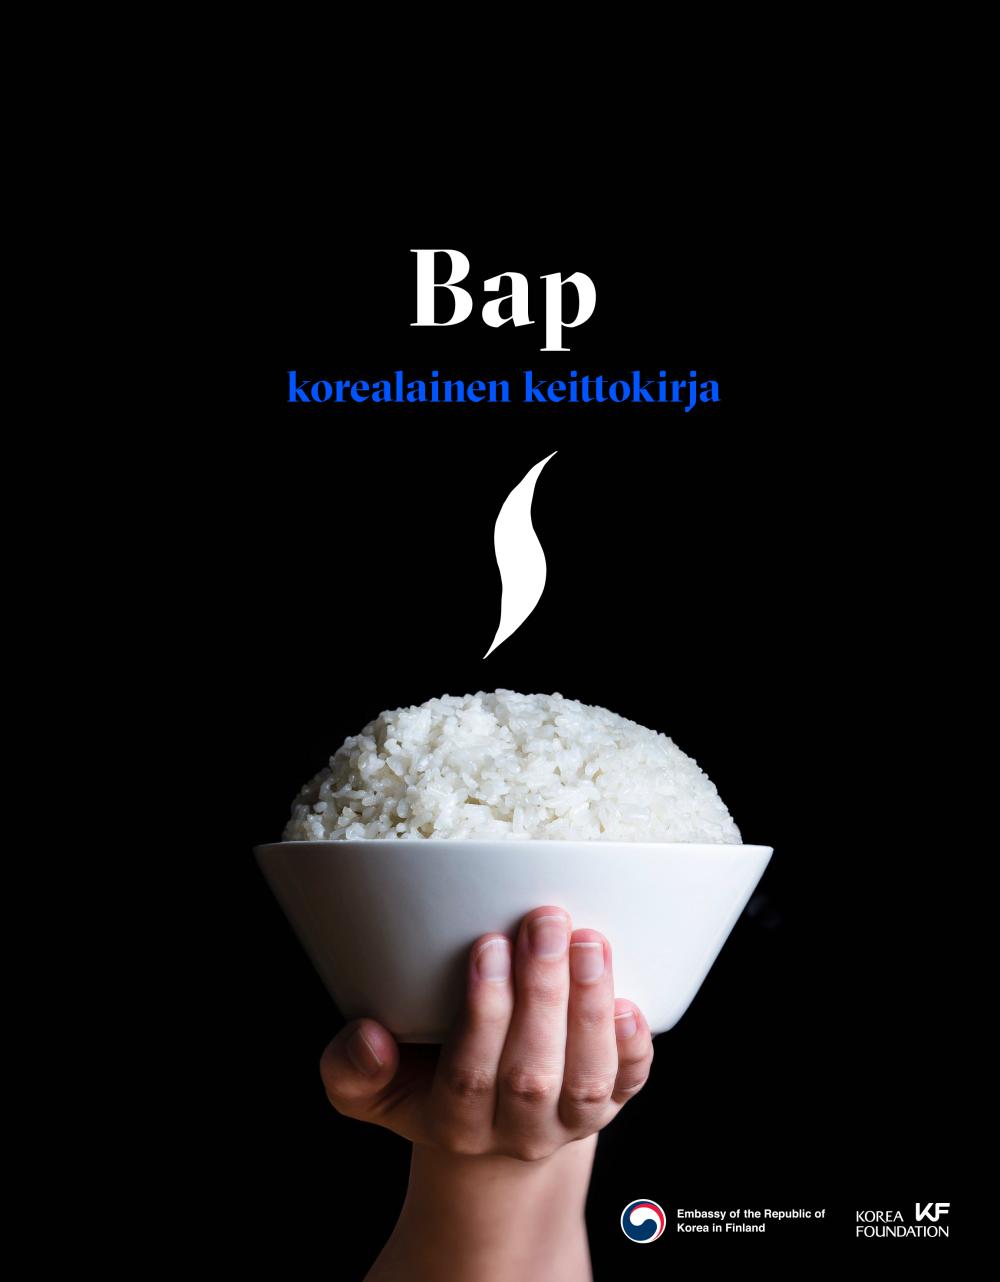 bap-korealainen-keittokirja_tietokone-1